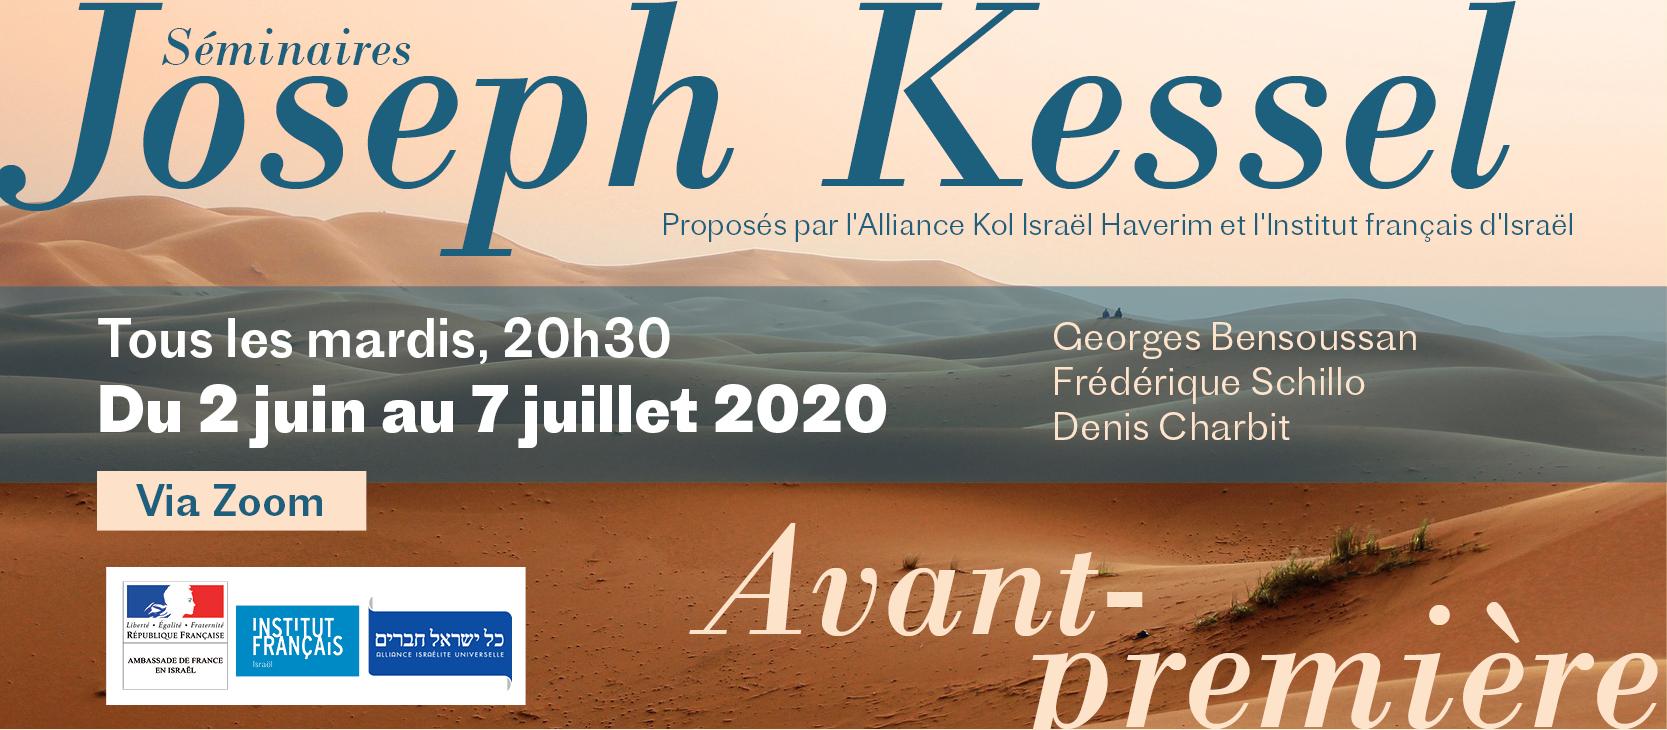 En ligne: Séminaires d'études Joseph Kessel, avec Denis Charbit